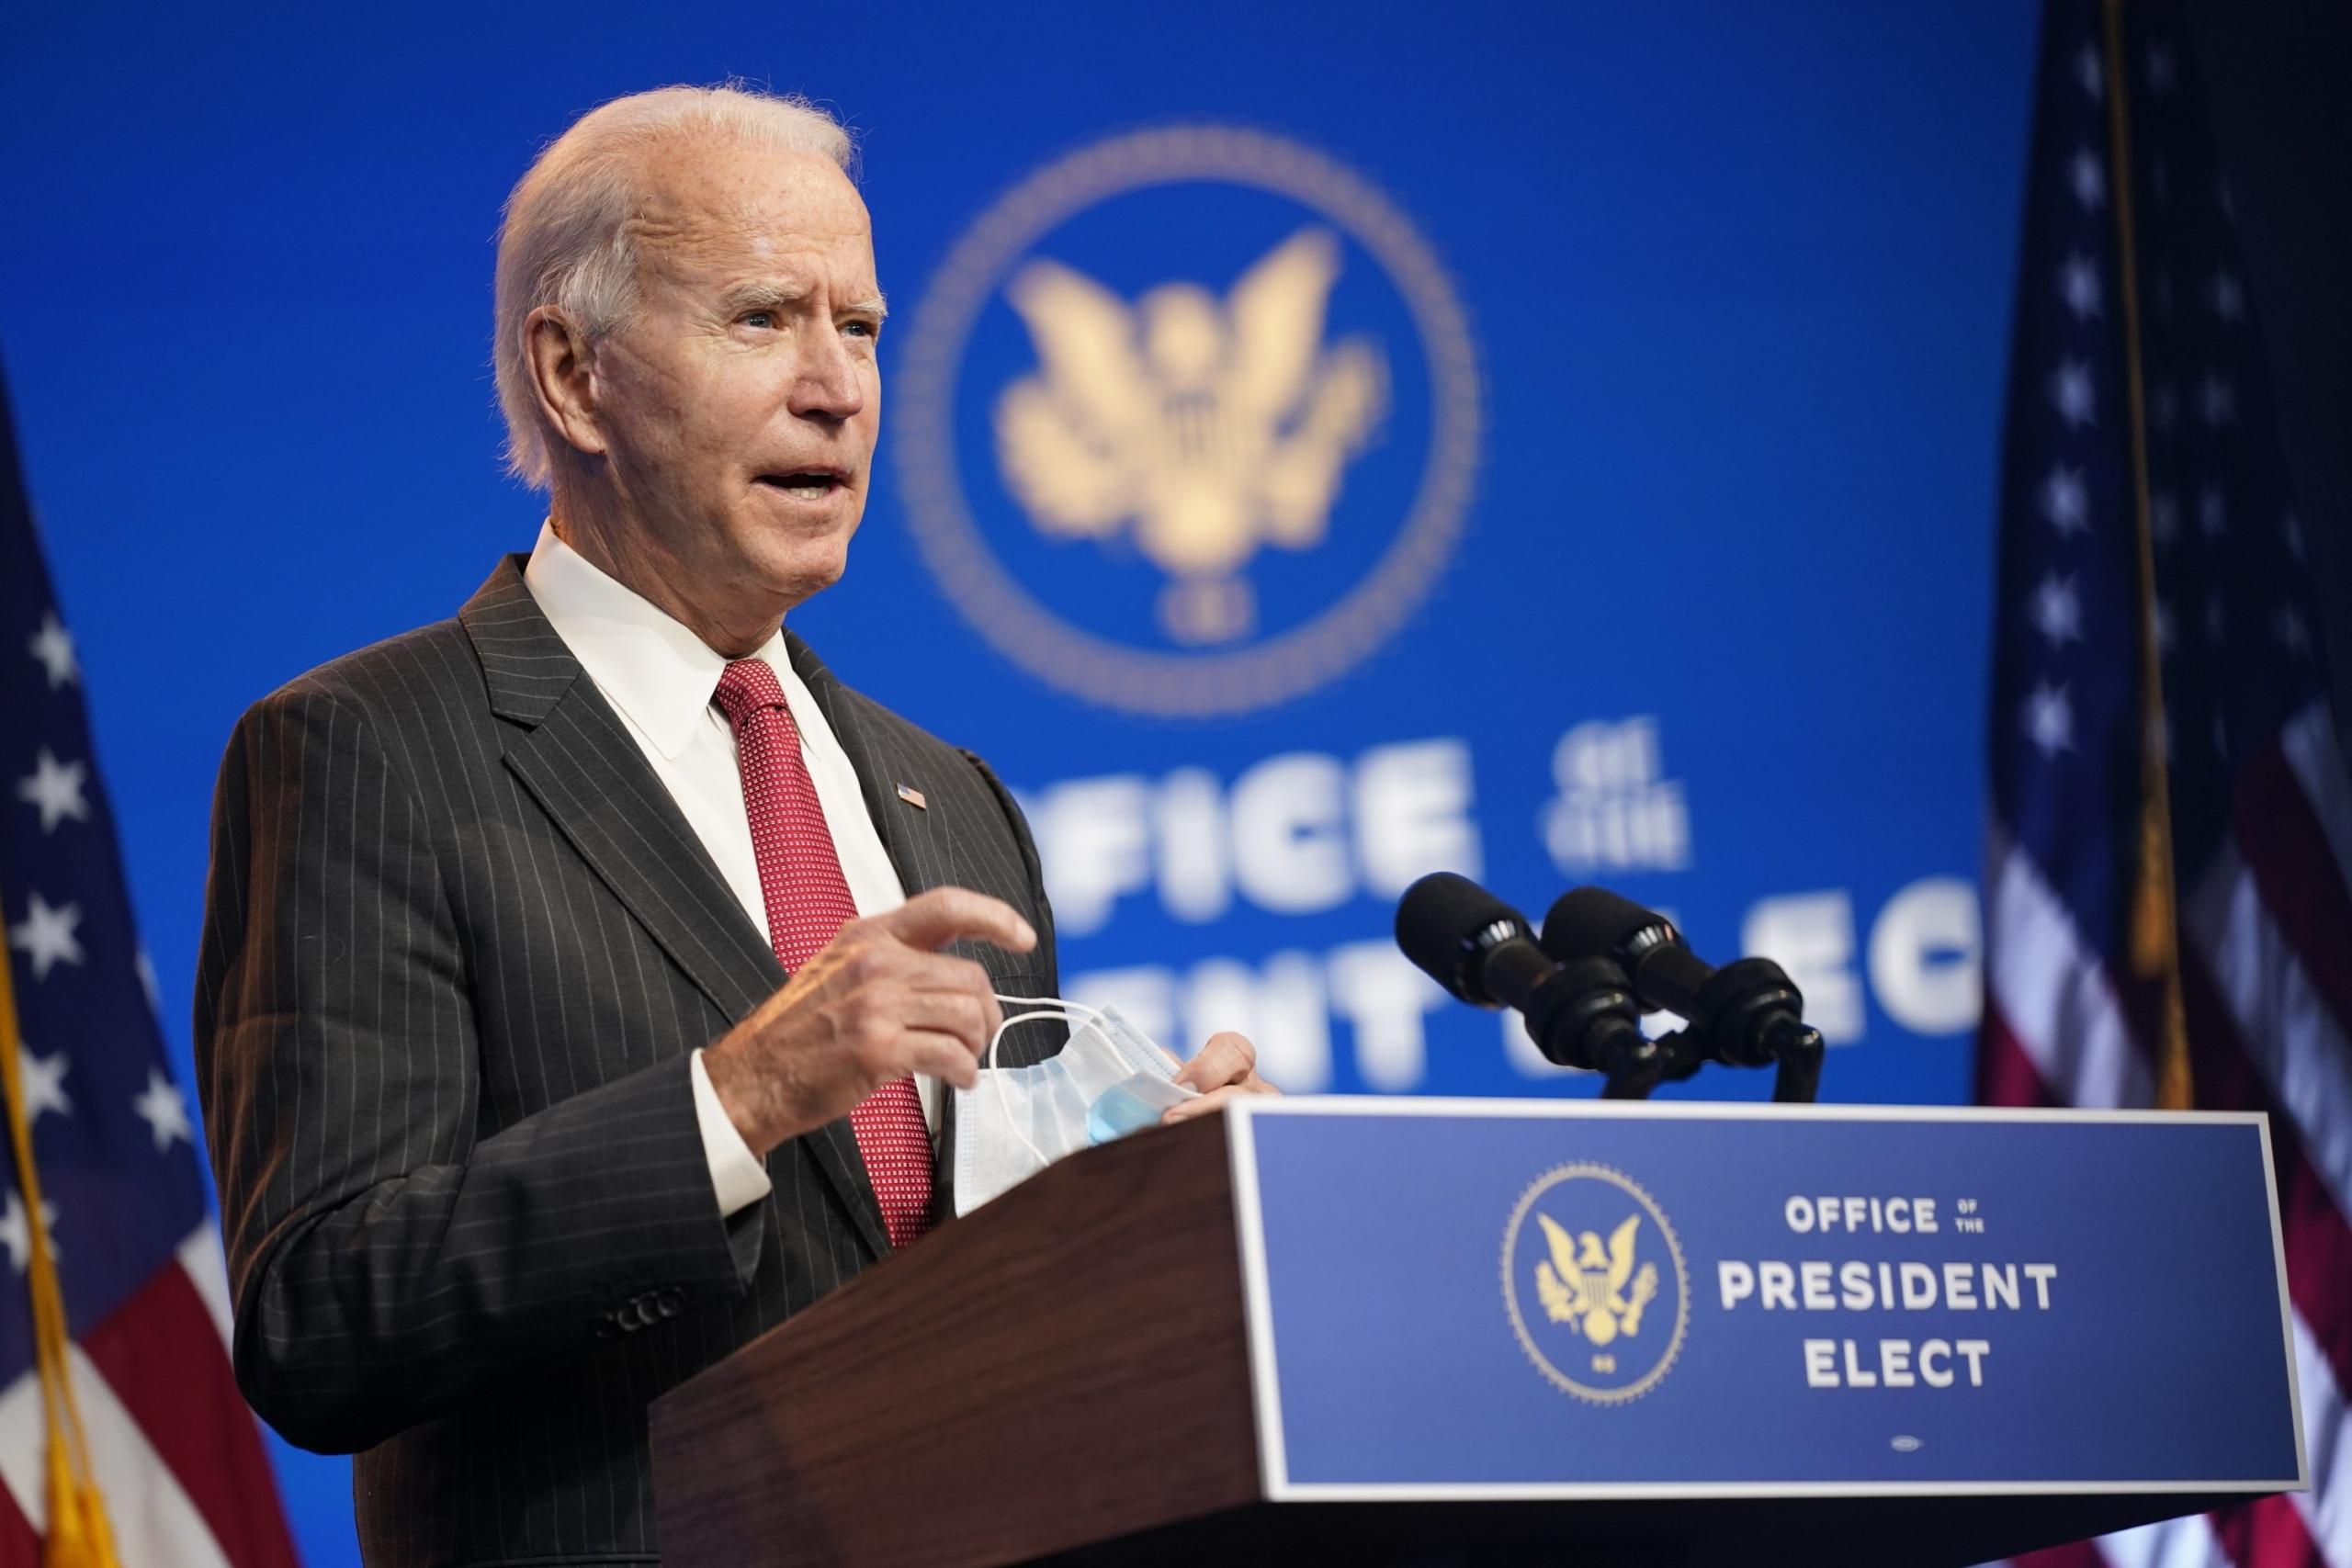 EE.UU.: Trump finalmente autoriza la transición de poderes a Biden, pero aún se niega a conceder